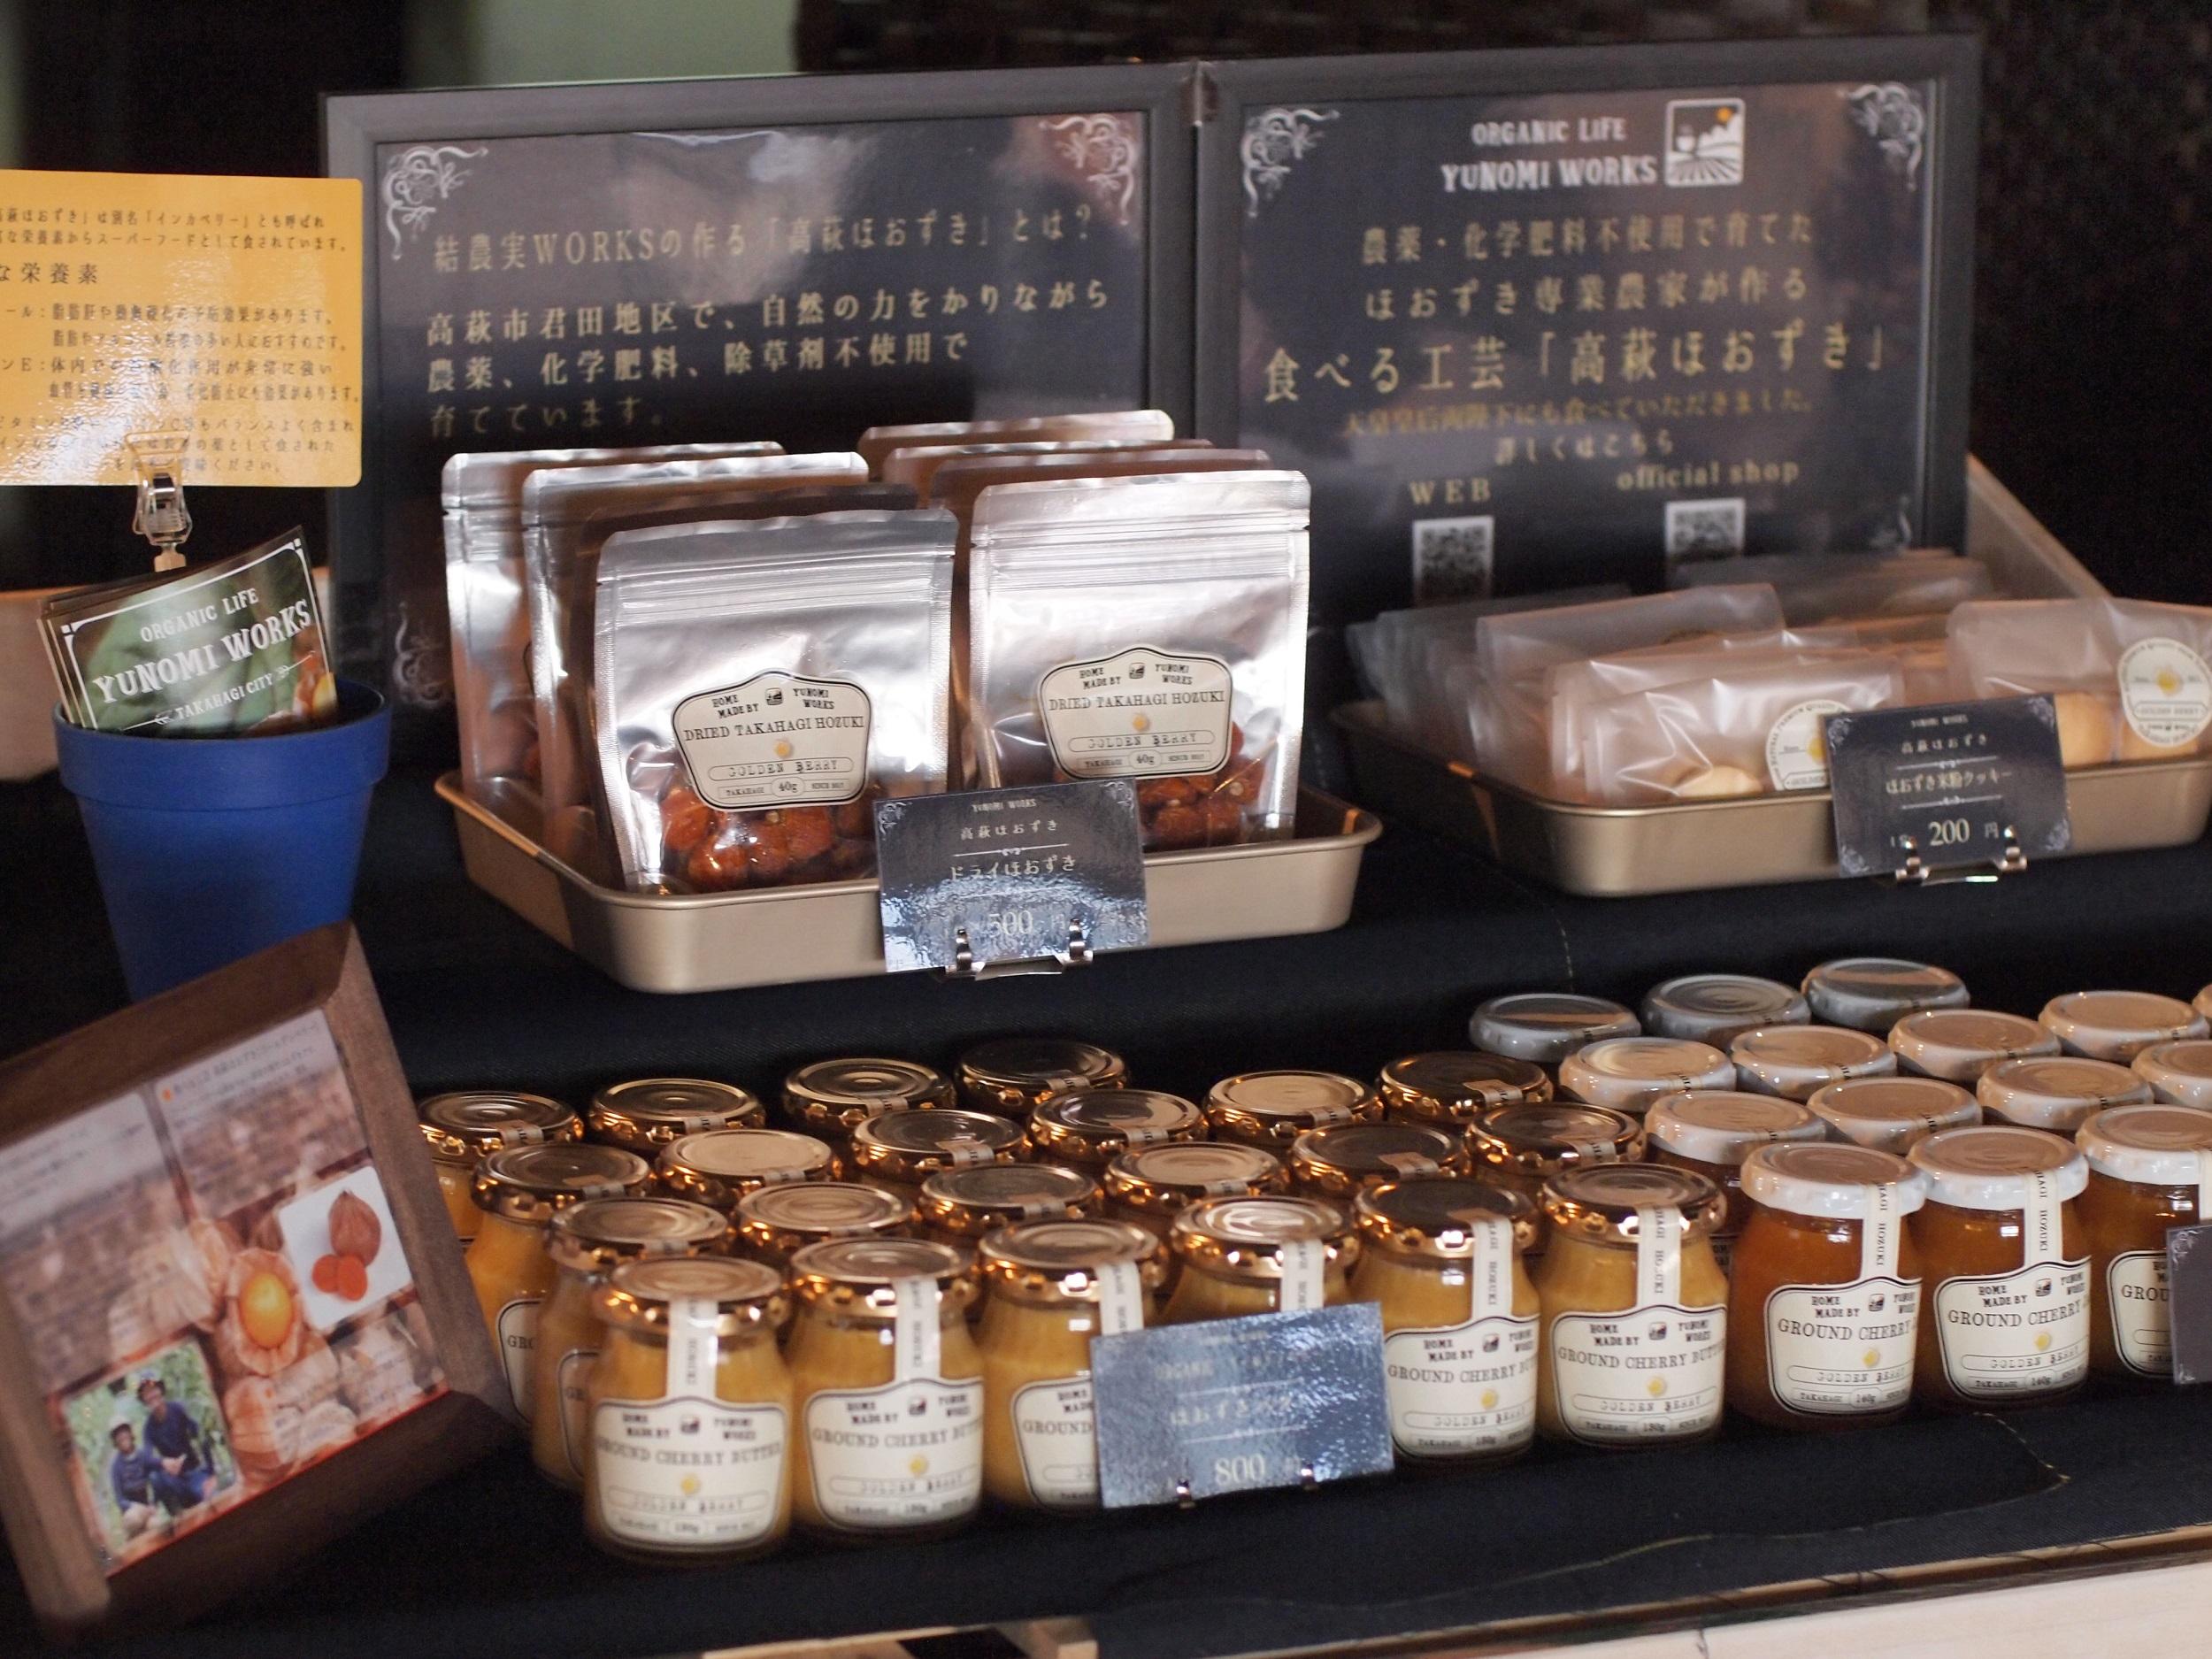 【高萩茶寮物販】高萩茶寮で物販を開始しました。